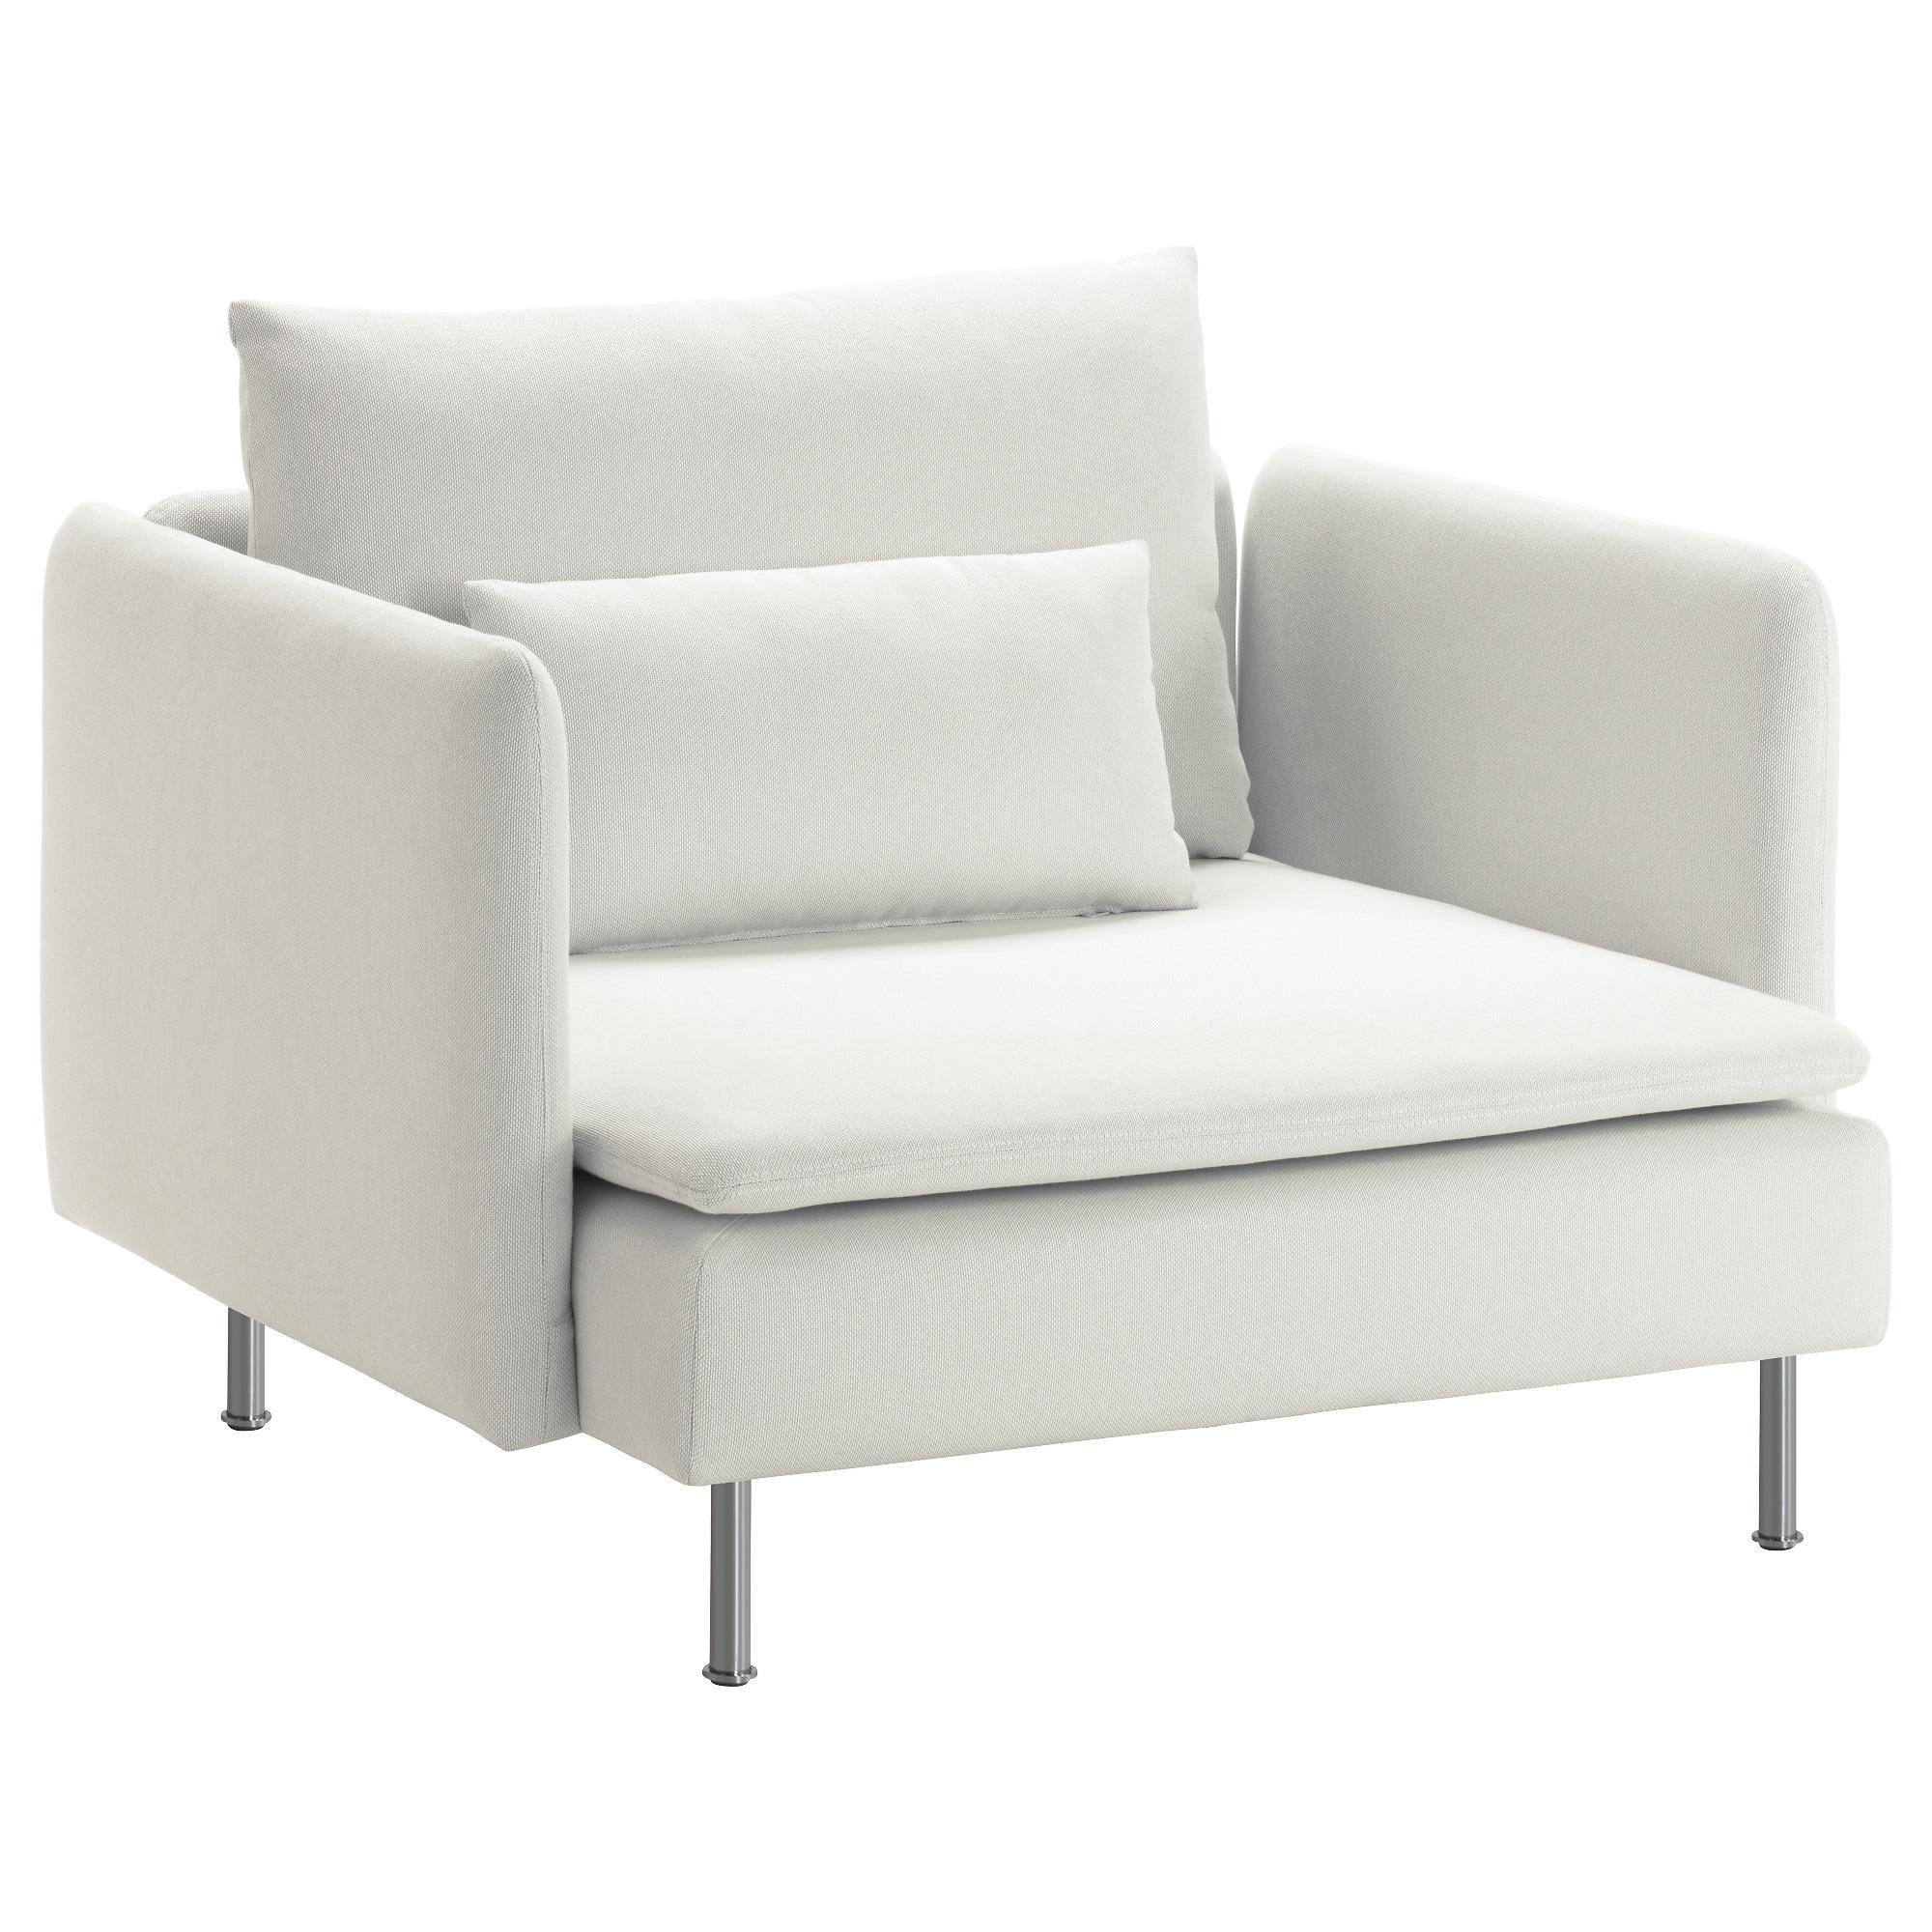 Sofas Baratos Coruña Gdd0 Sillones CÃ Modos Y De Calidad Pra Online Ikea